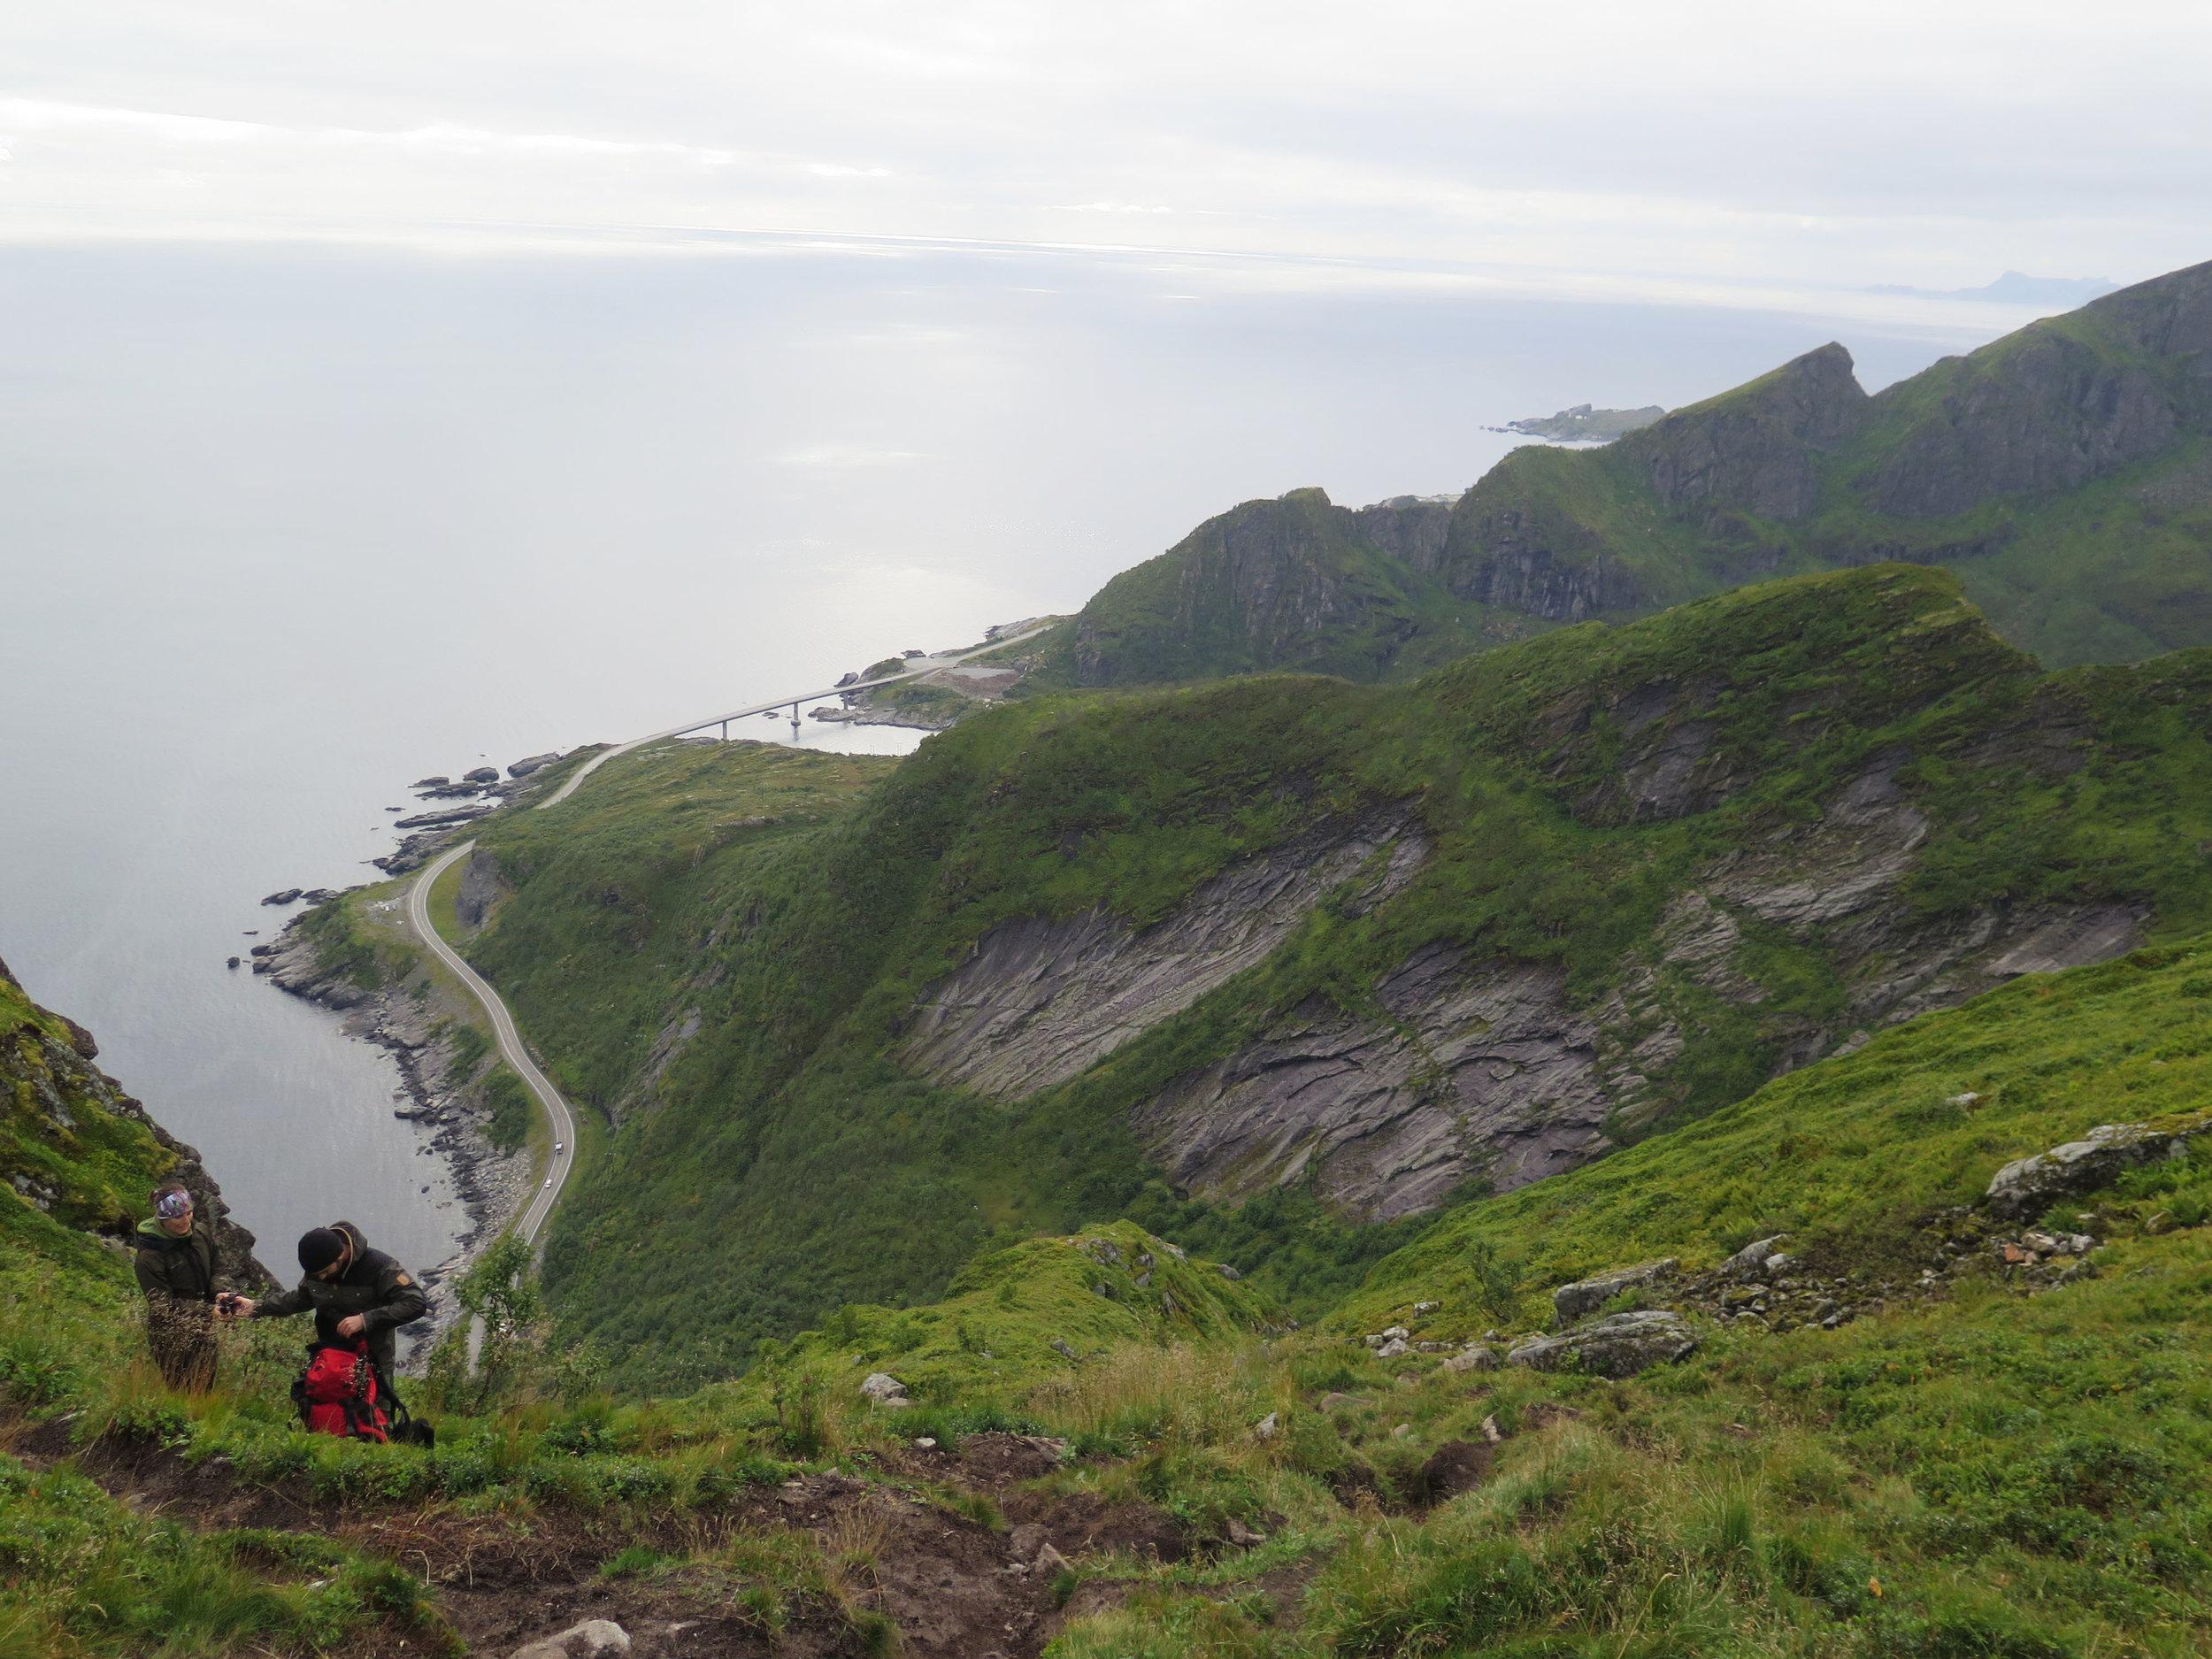 Reinbringen backside view (hike side)